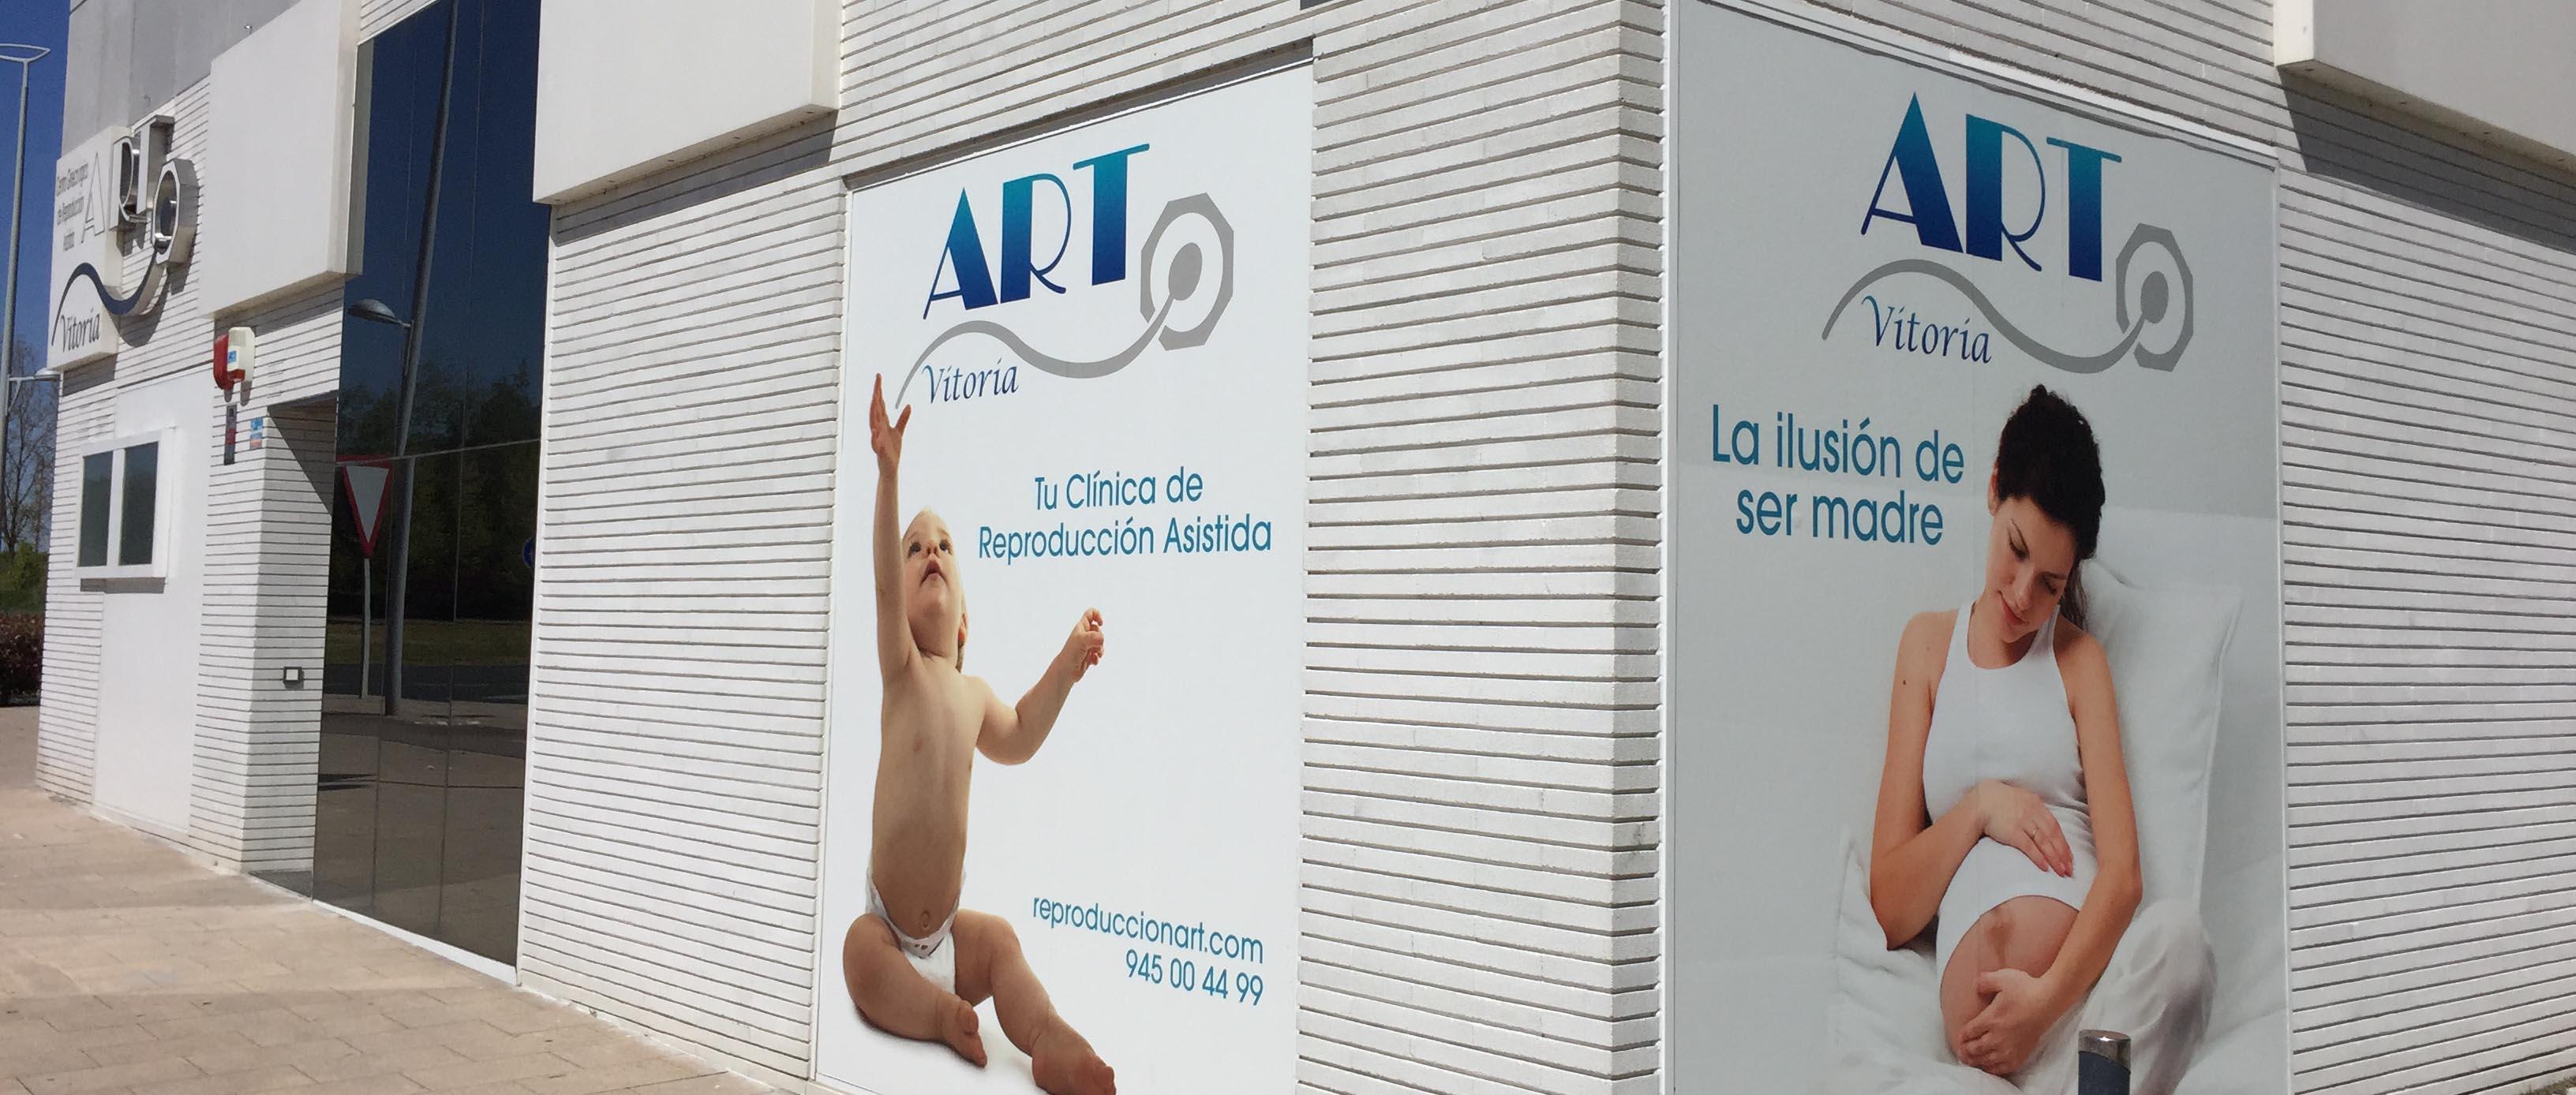 ART Reproducción à Vitoria